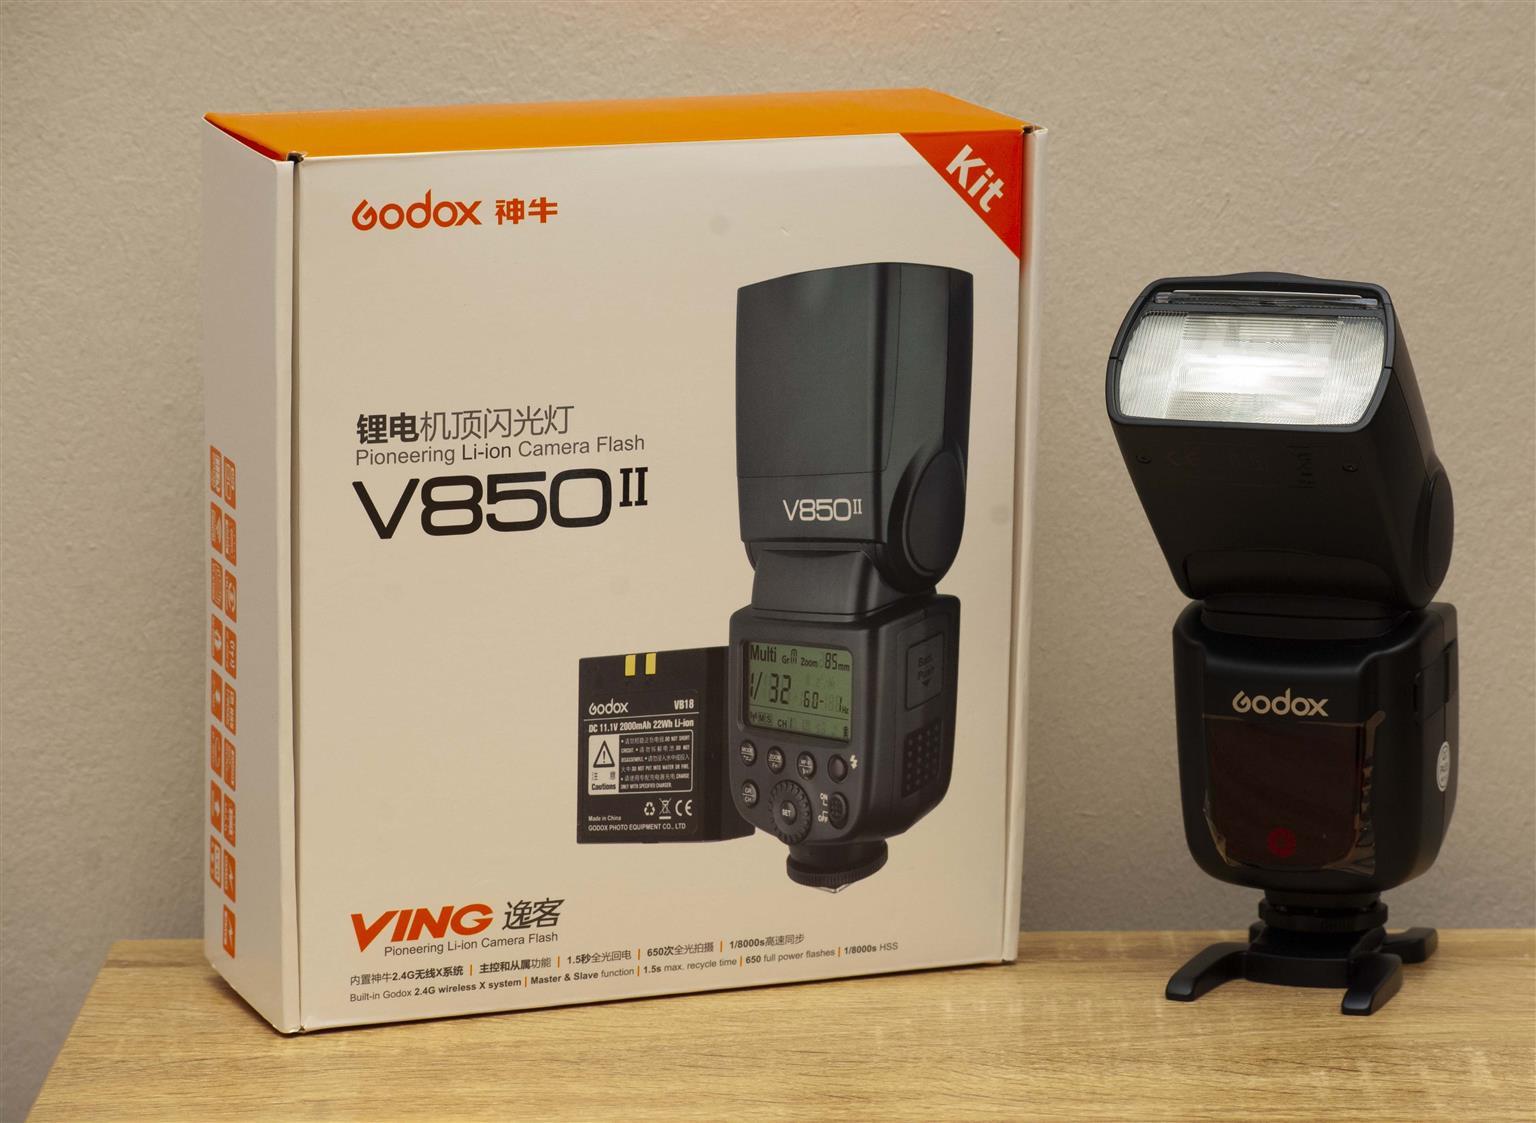 Godox V850ii speedlites